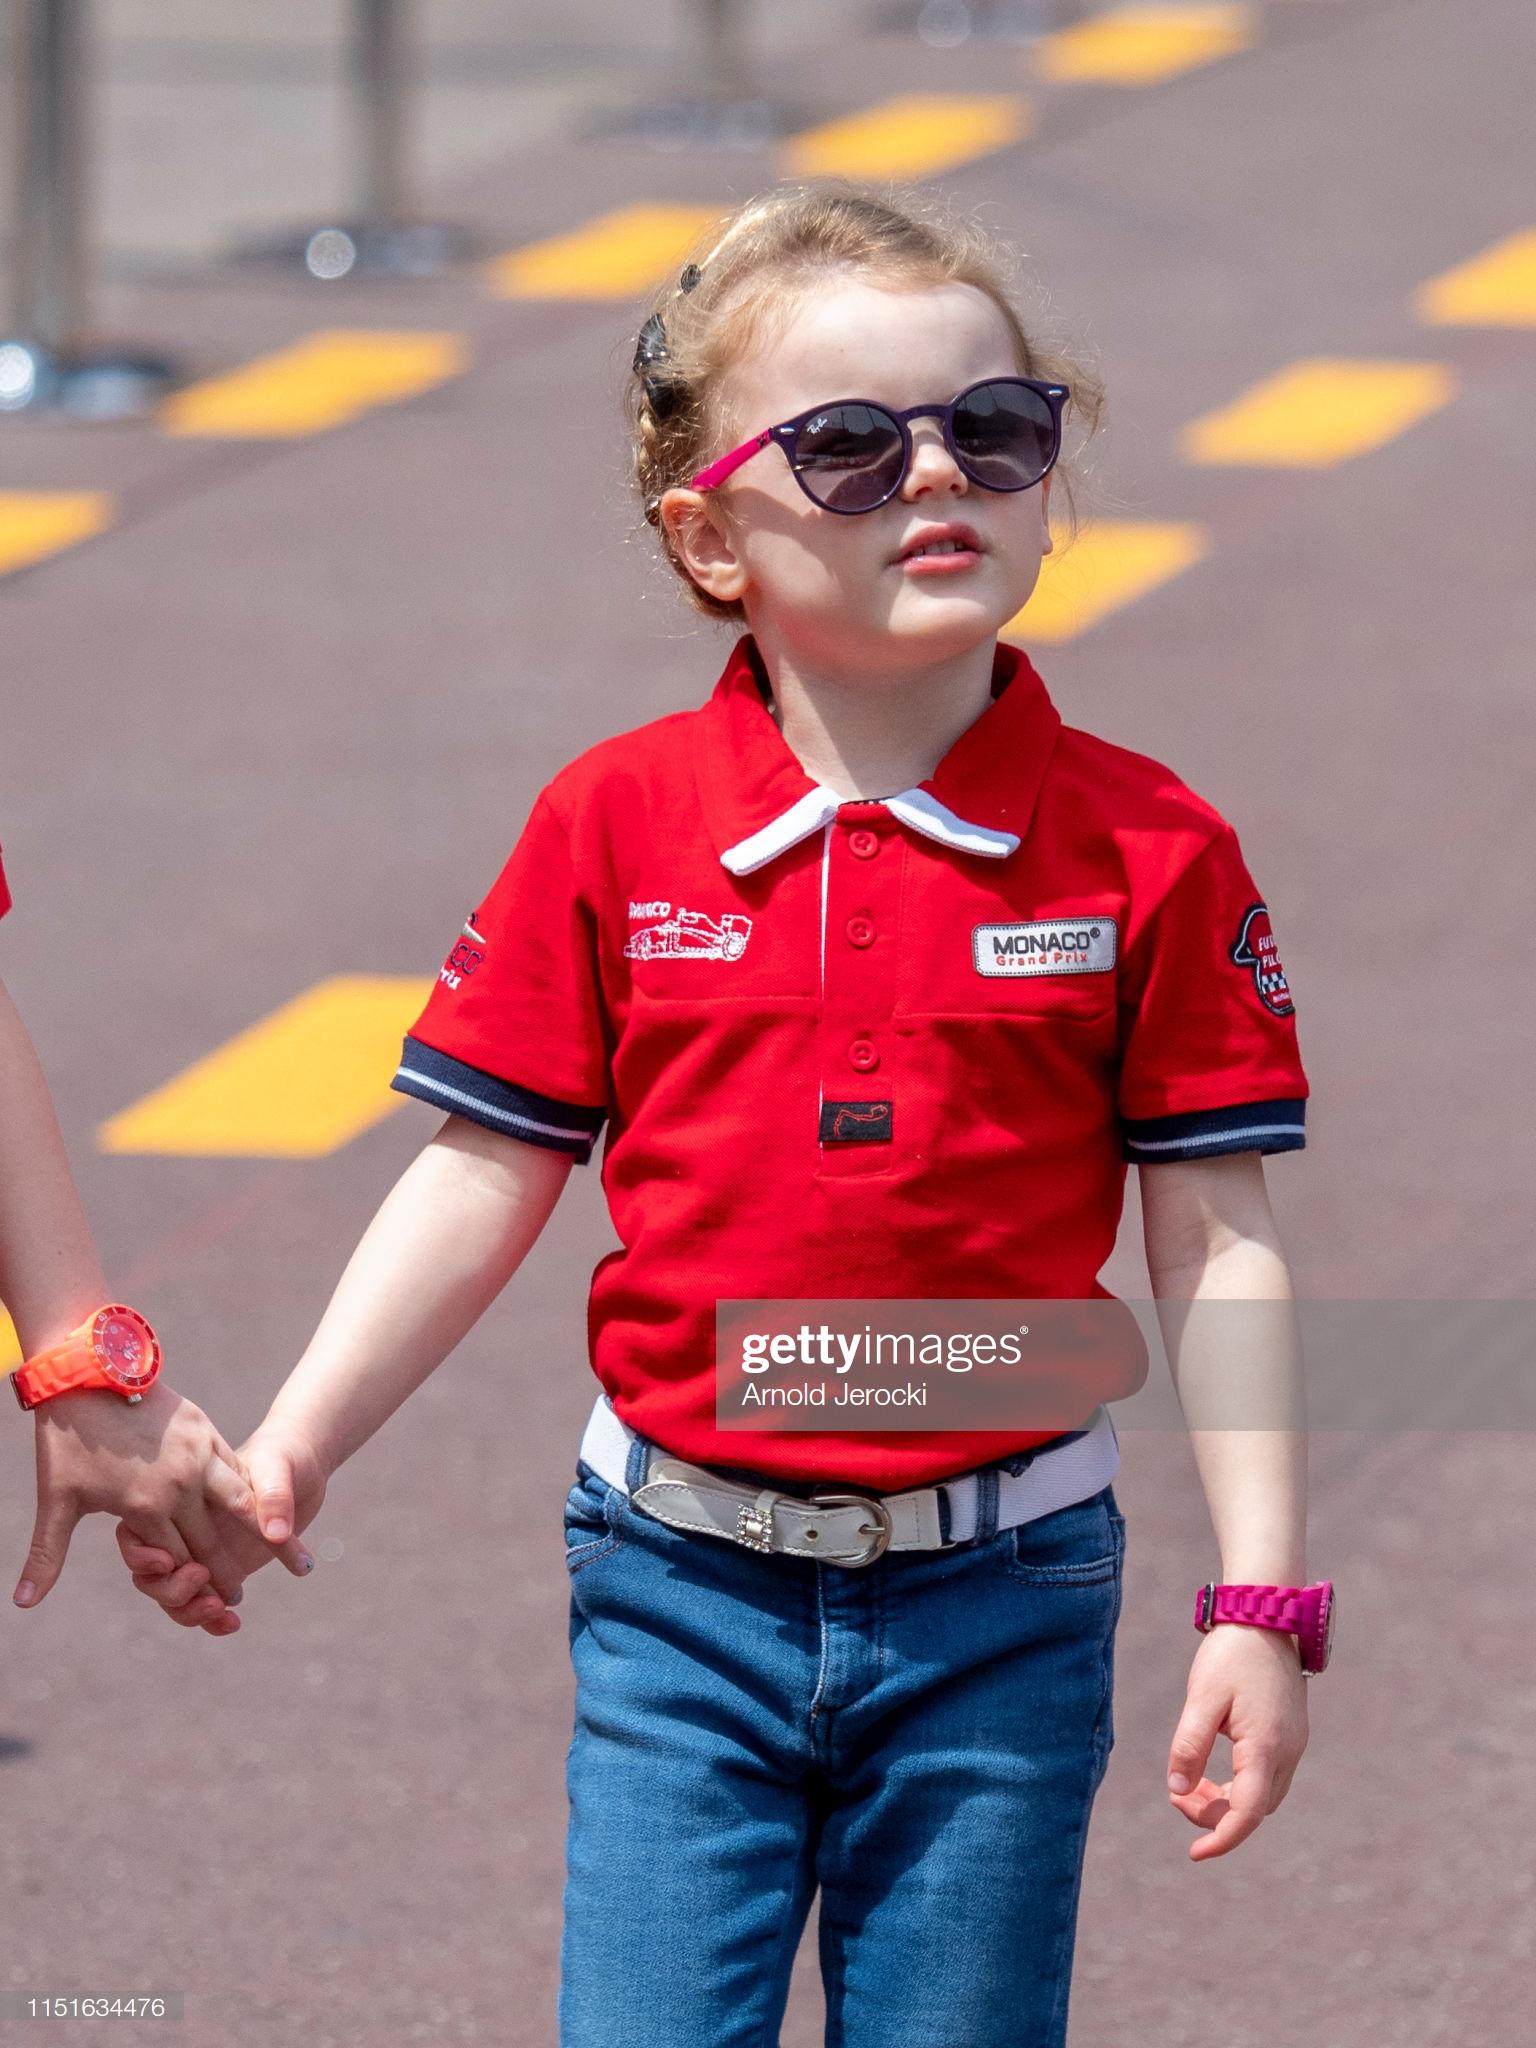 Tiểu công chúa Gabriella mặc áo thun đỏ và quần jeans